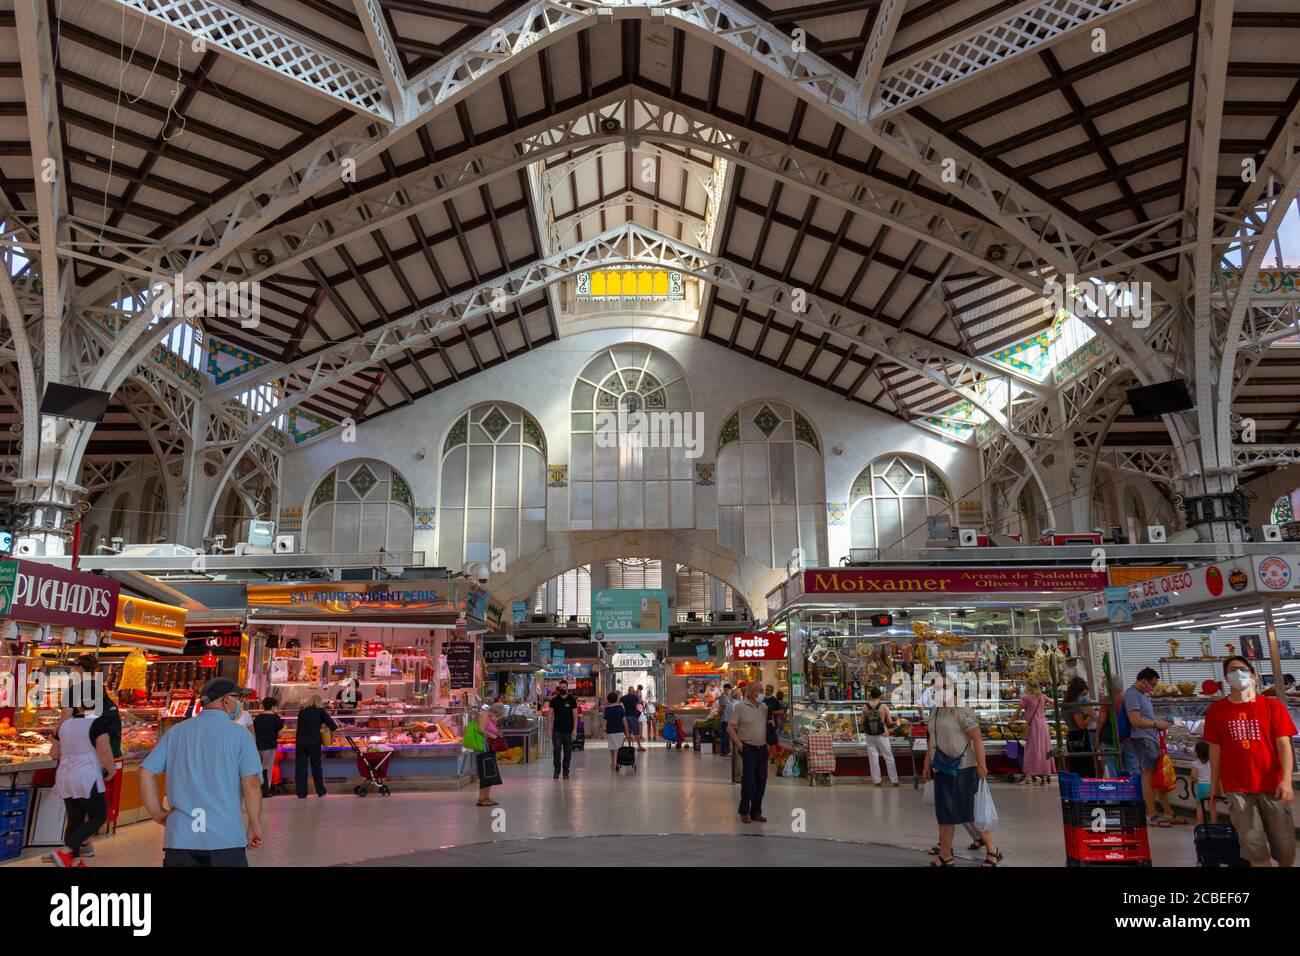 Spain attractions valencia 17 Top